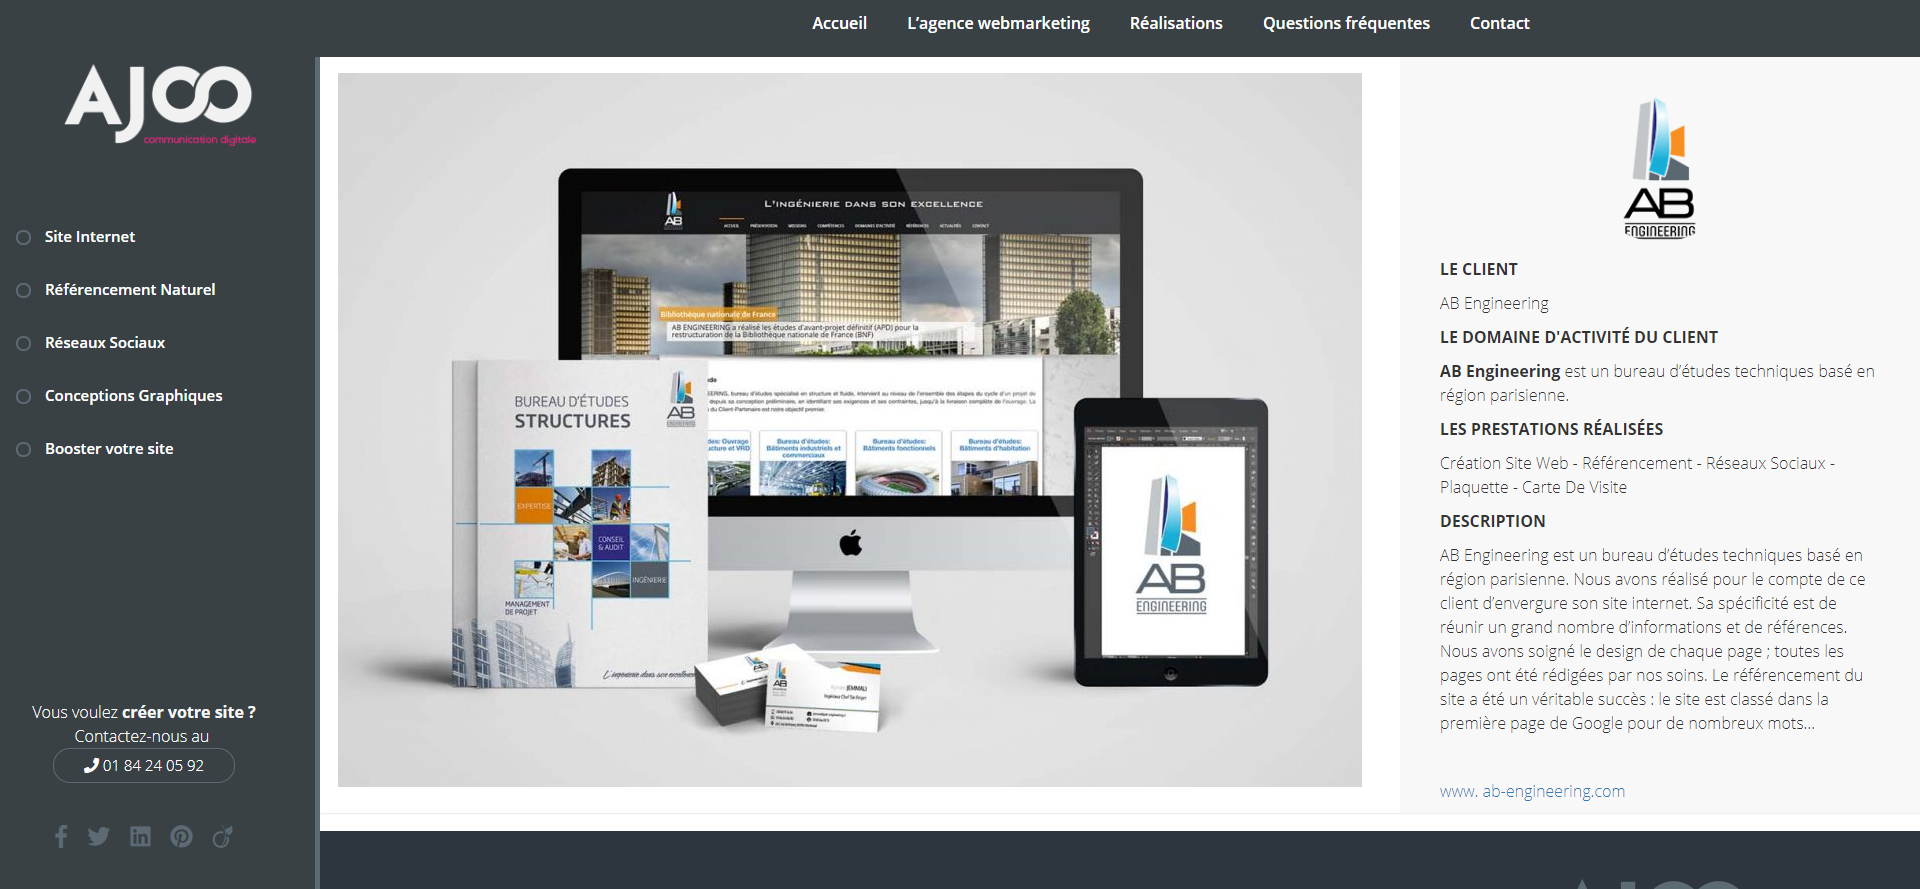 Création site internet pour société sécurité électronique - Ajoo Agence Web 0dc3e7dd21bd